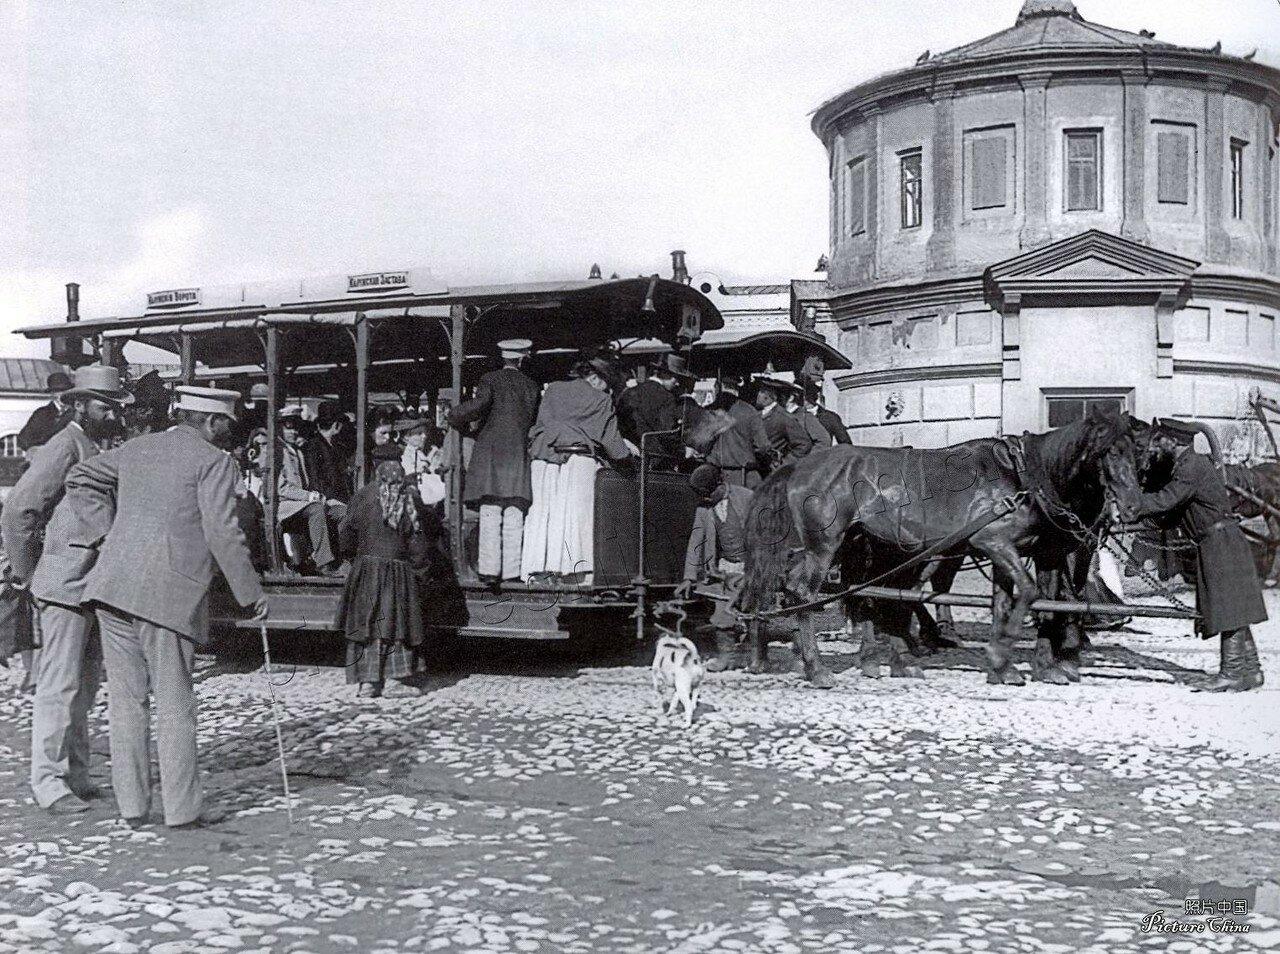 684. Конный трамвай в Москве, 1900